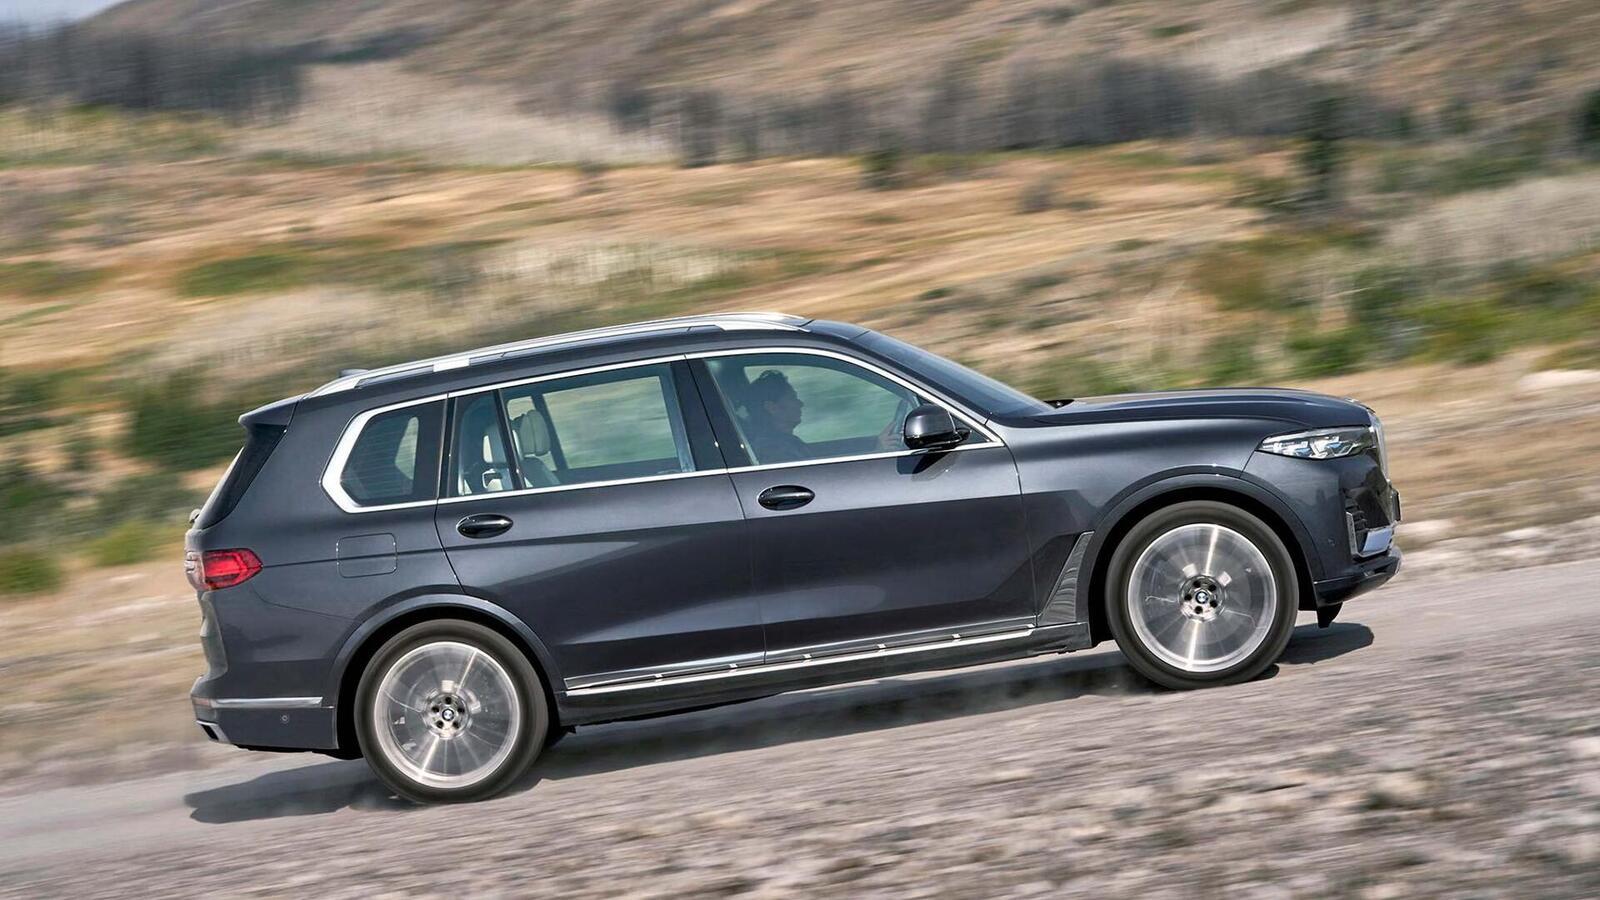 Hôm nay BMW X7 và X5 thế hệ mới sẽ ra mắt tại Việt Nam; mời các bác dự đoán giá bán - Hình 5